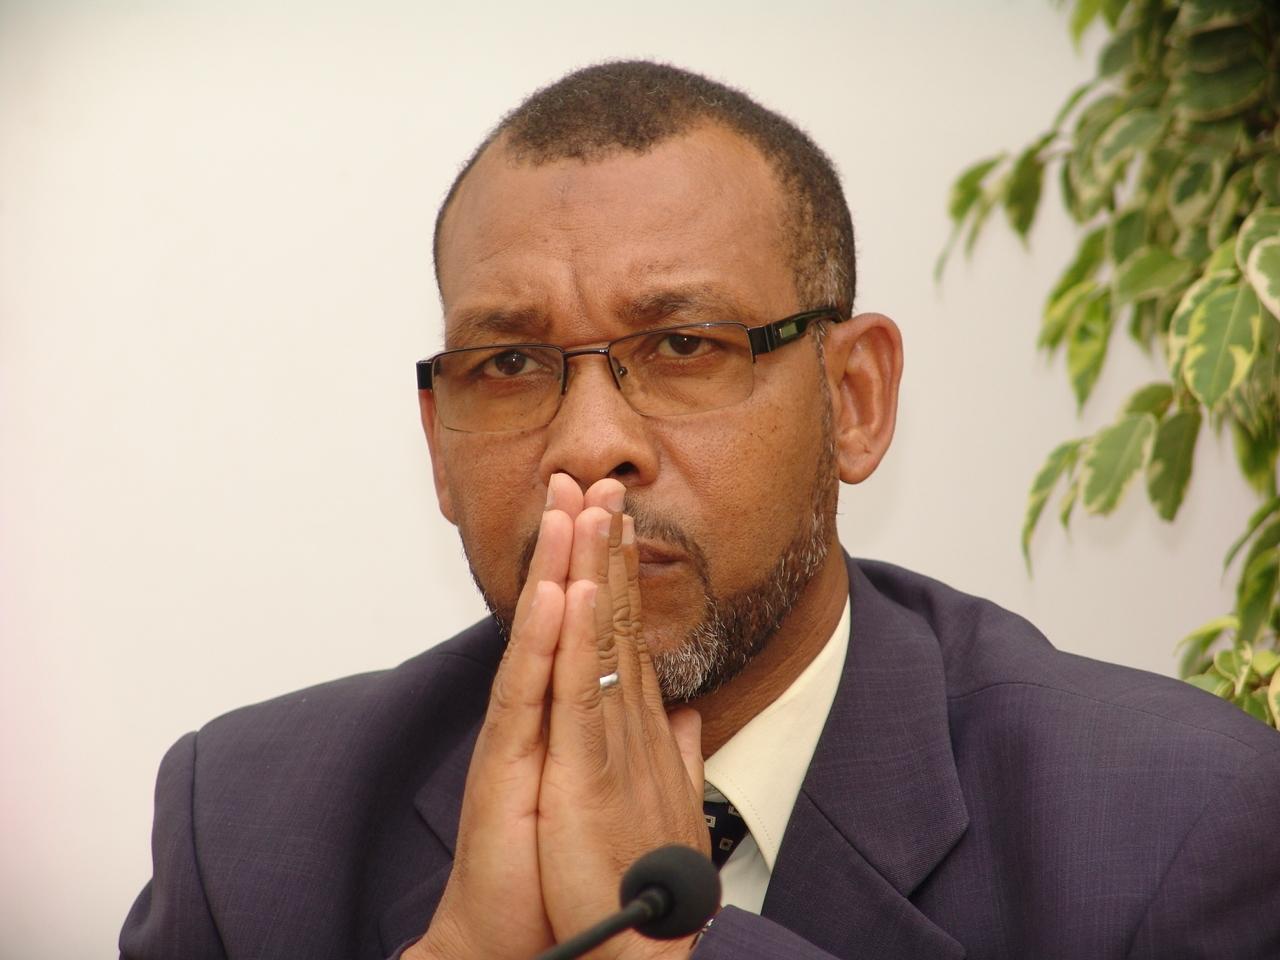 المحكمة الدستورية تقضي بإلغاء مقعد محمد ادعمار بمجلس النواب